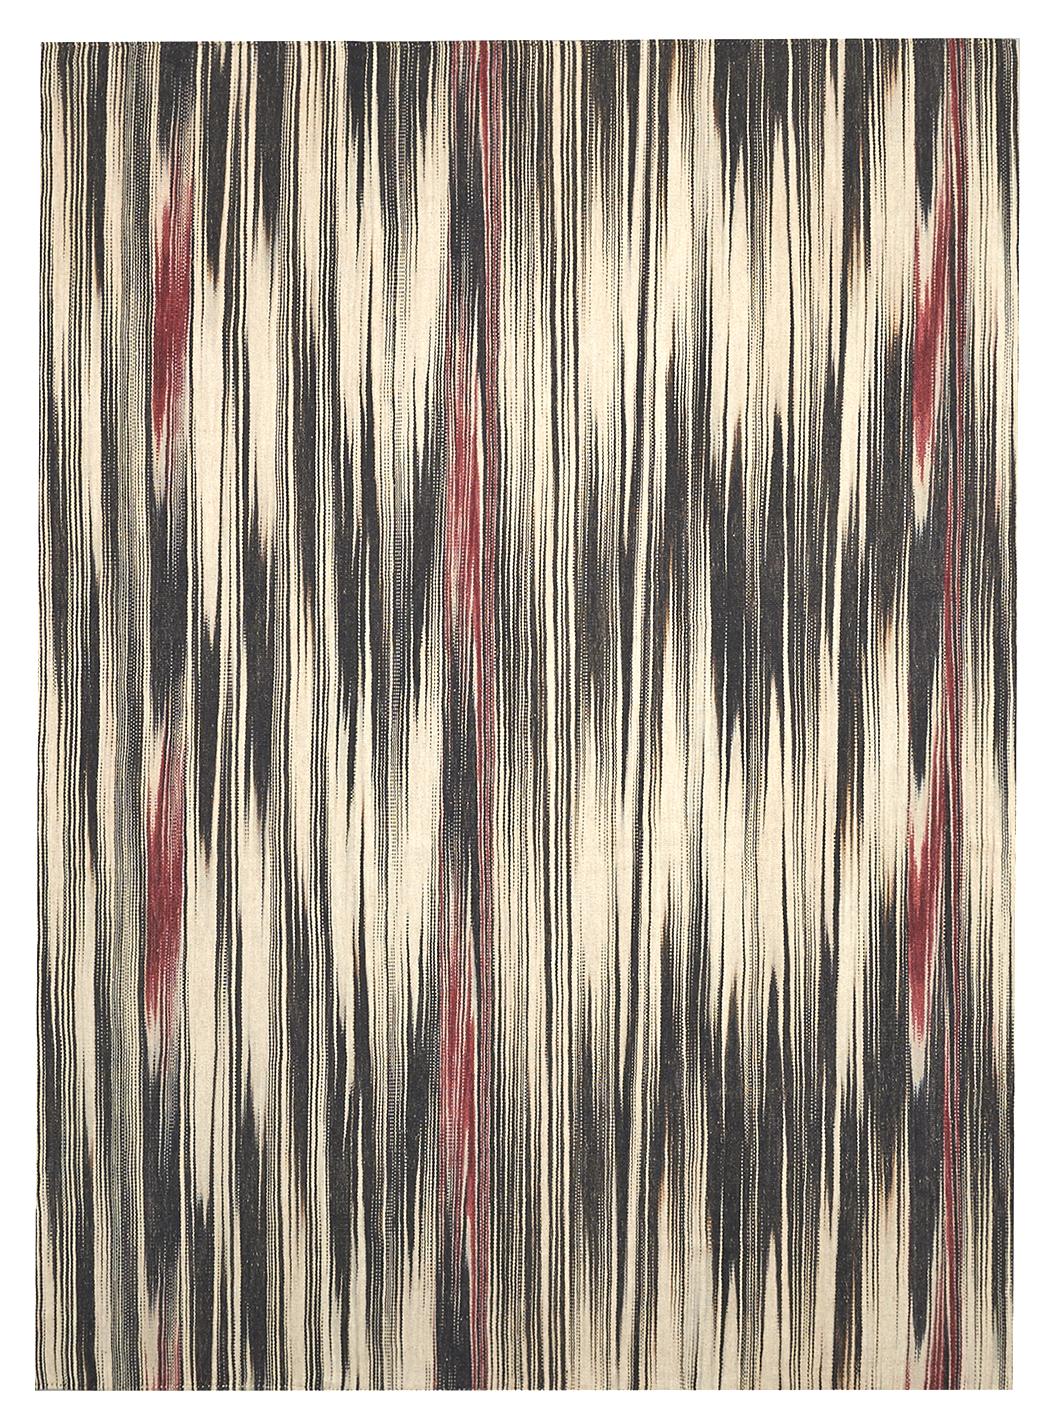 Waves of Color - Carpet Design Award Winner 2015